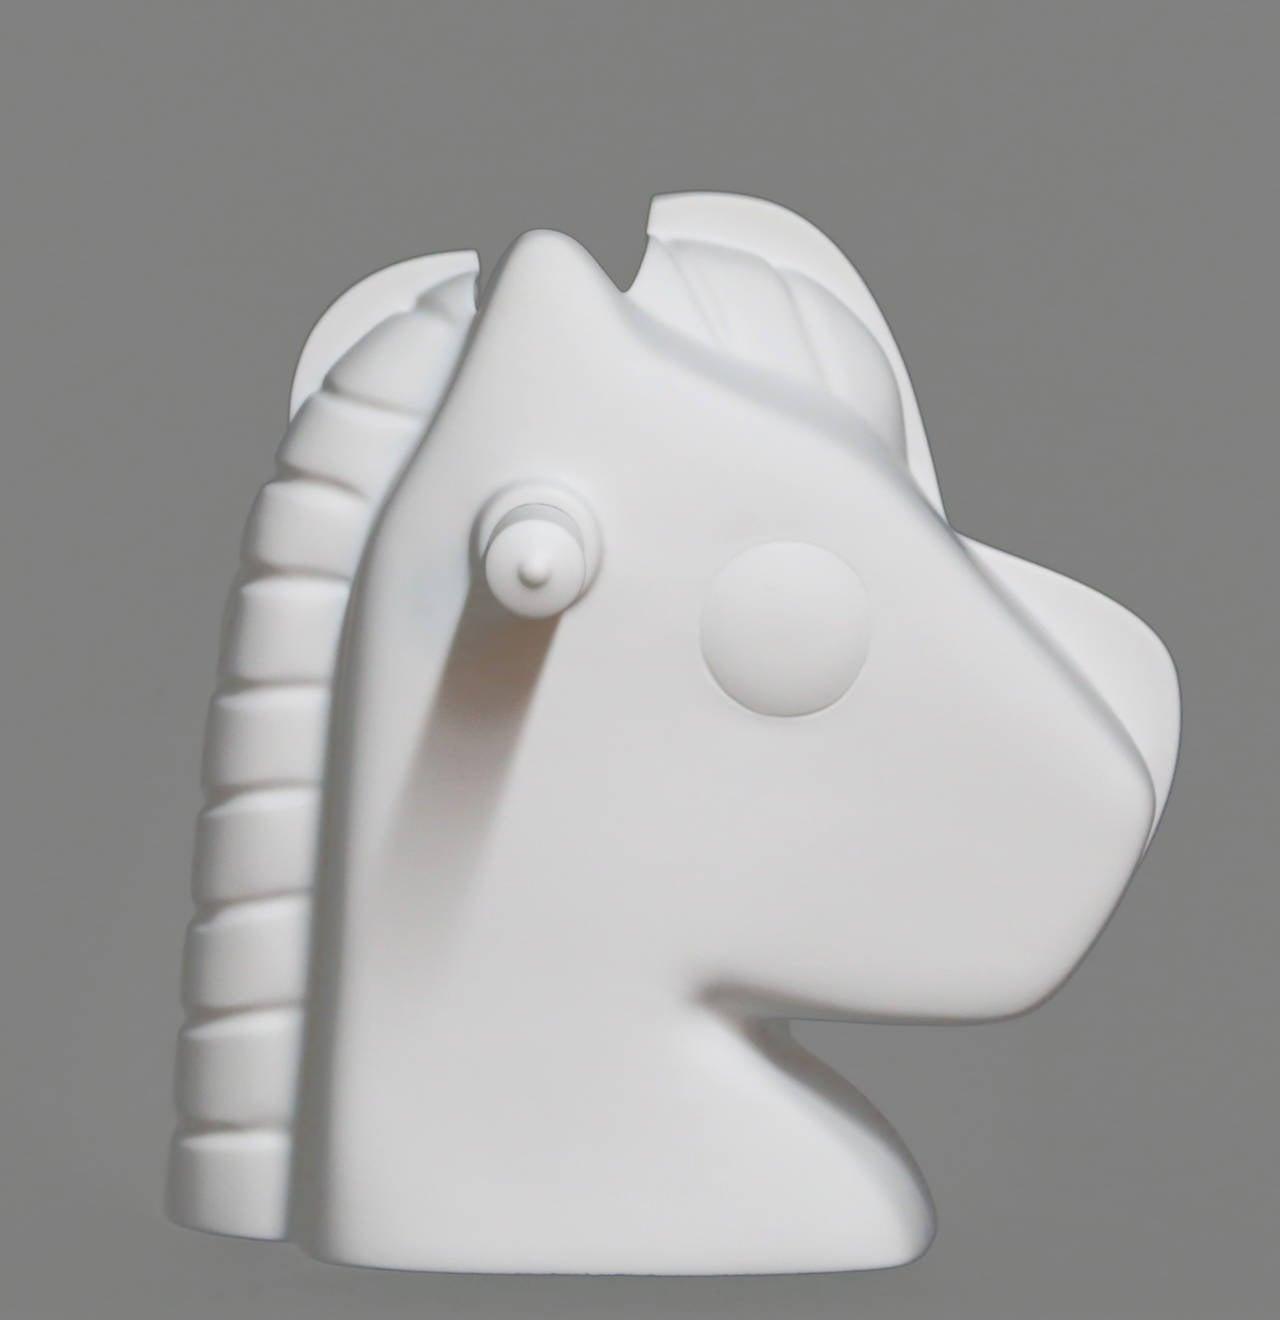 Split Rocker - Pop Art Sculpture by Jeff Koons